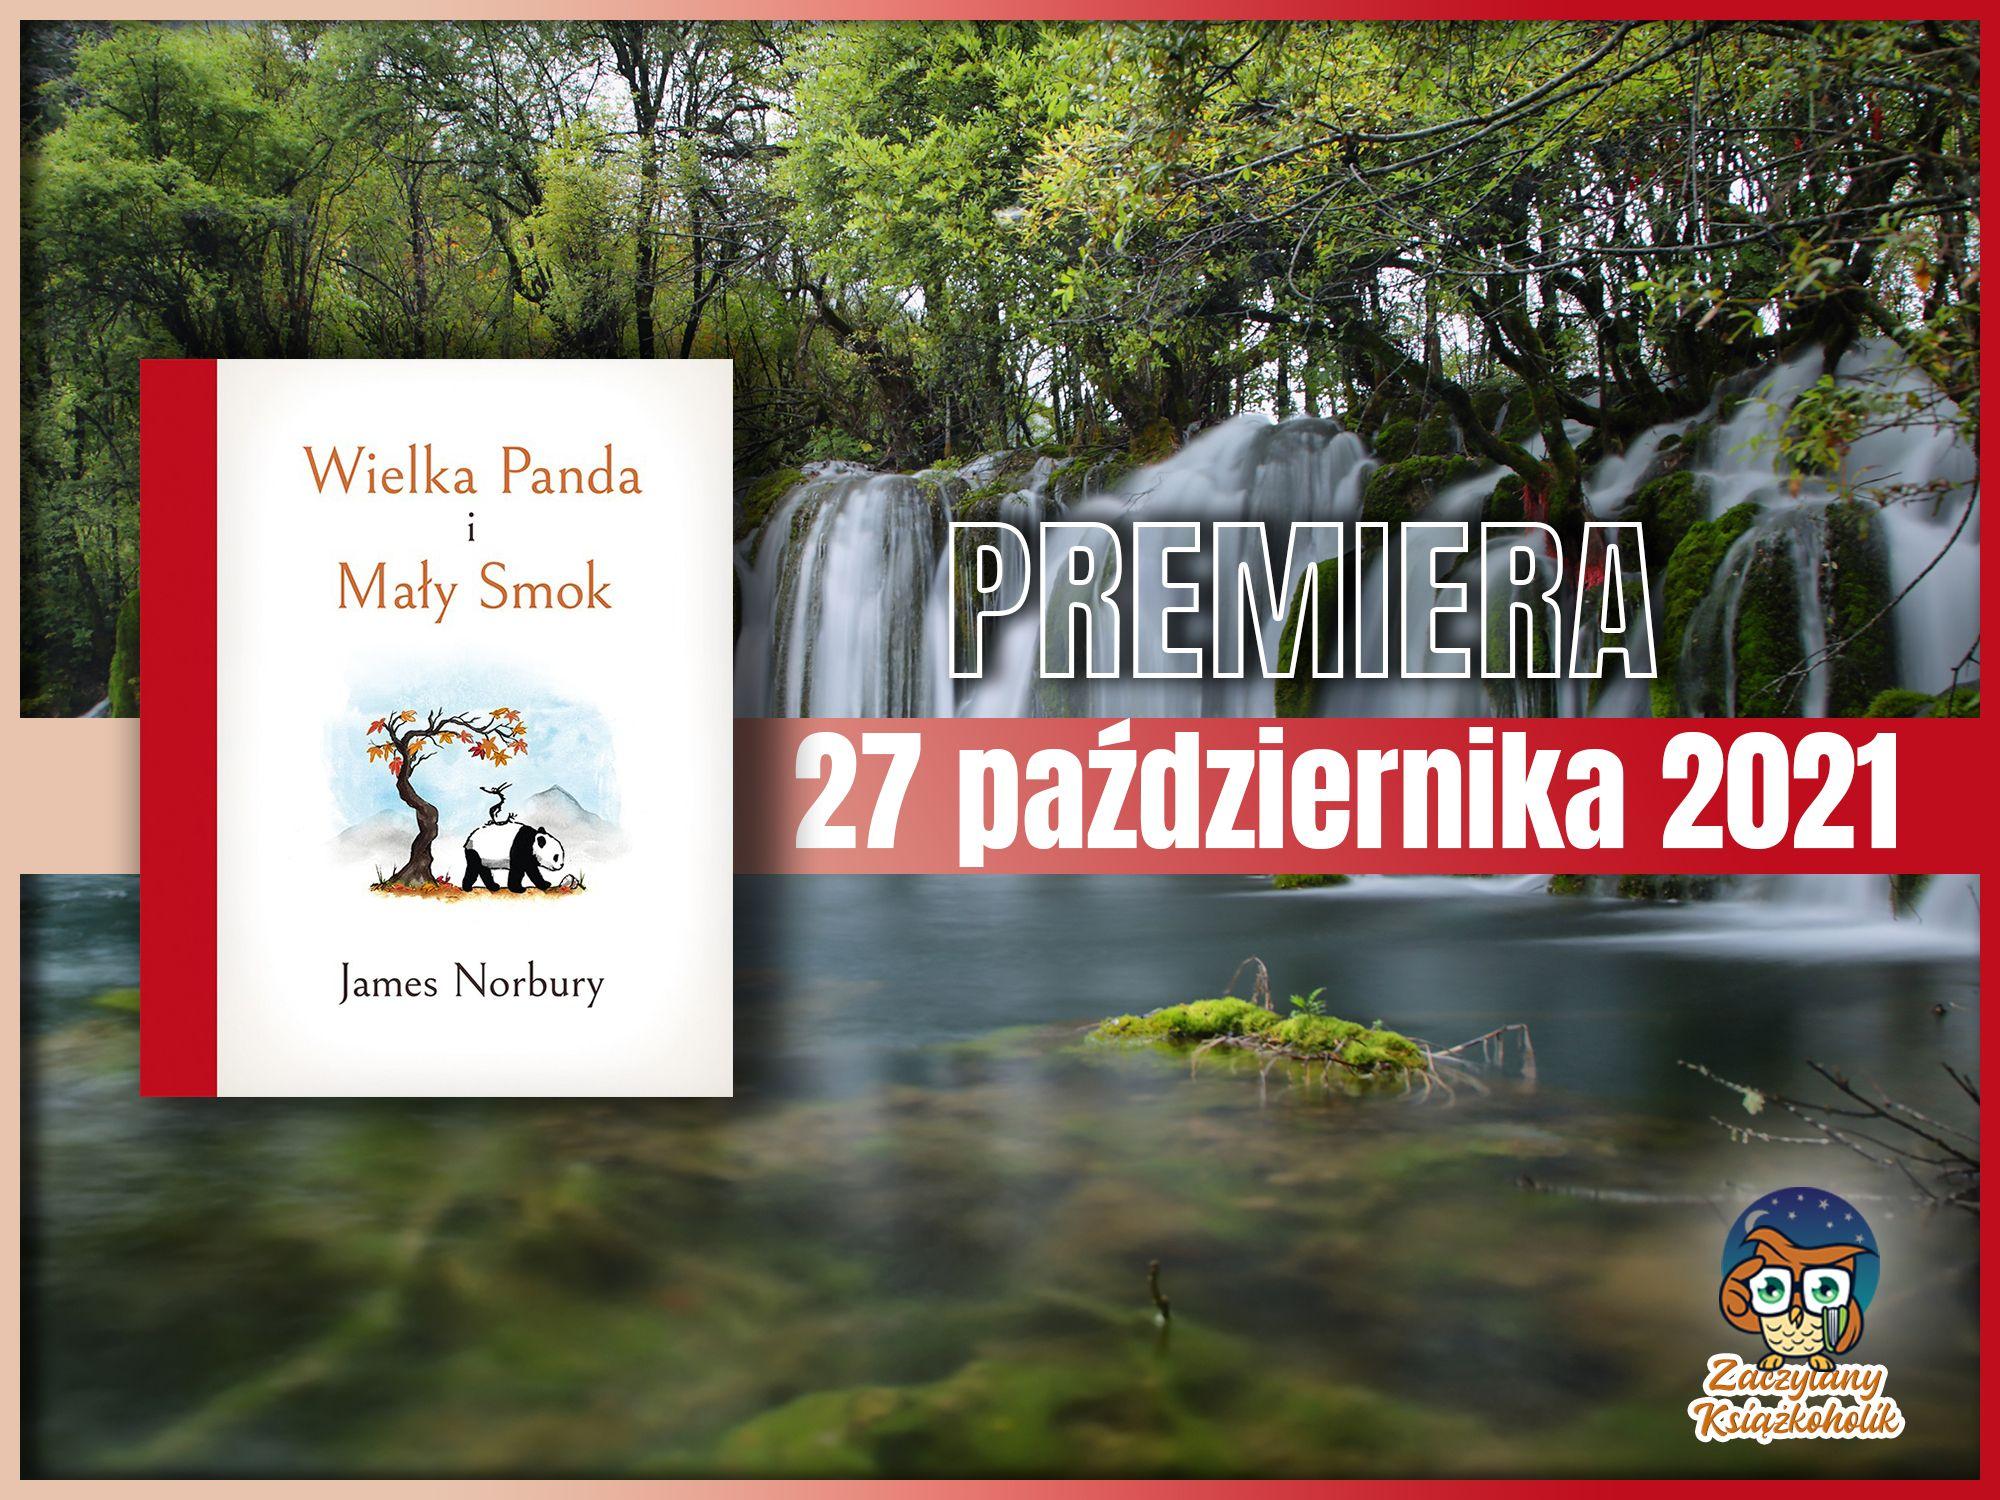 Wielka Panda i Mały Smok, James Norbury, zaczytanyksiazkoholik.pl